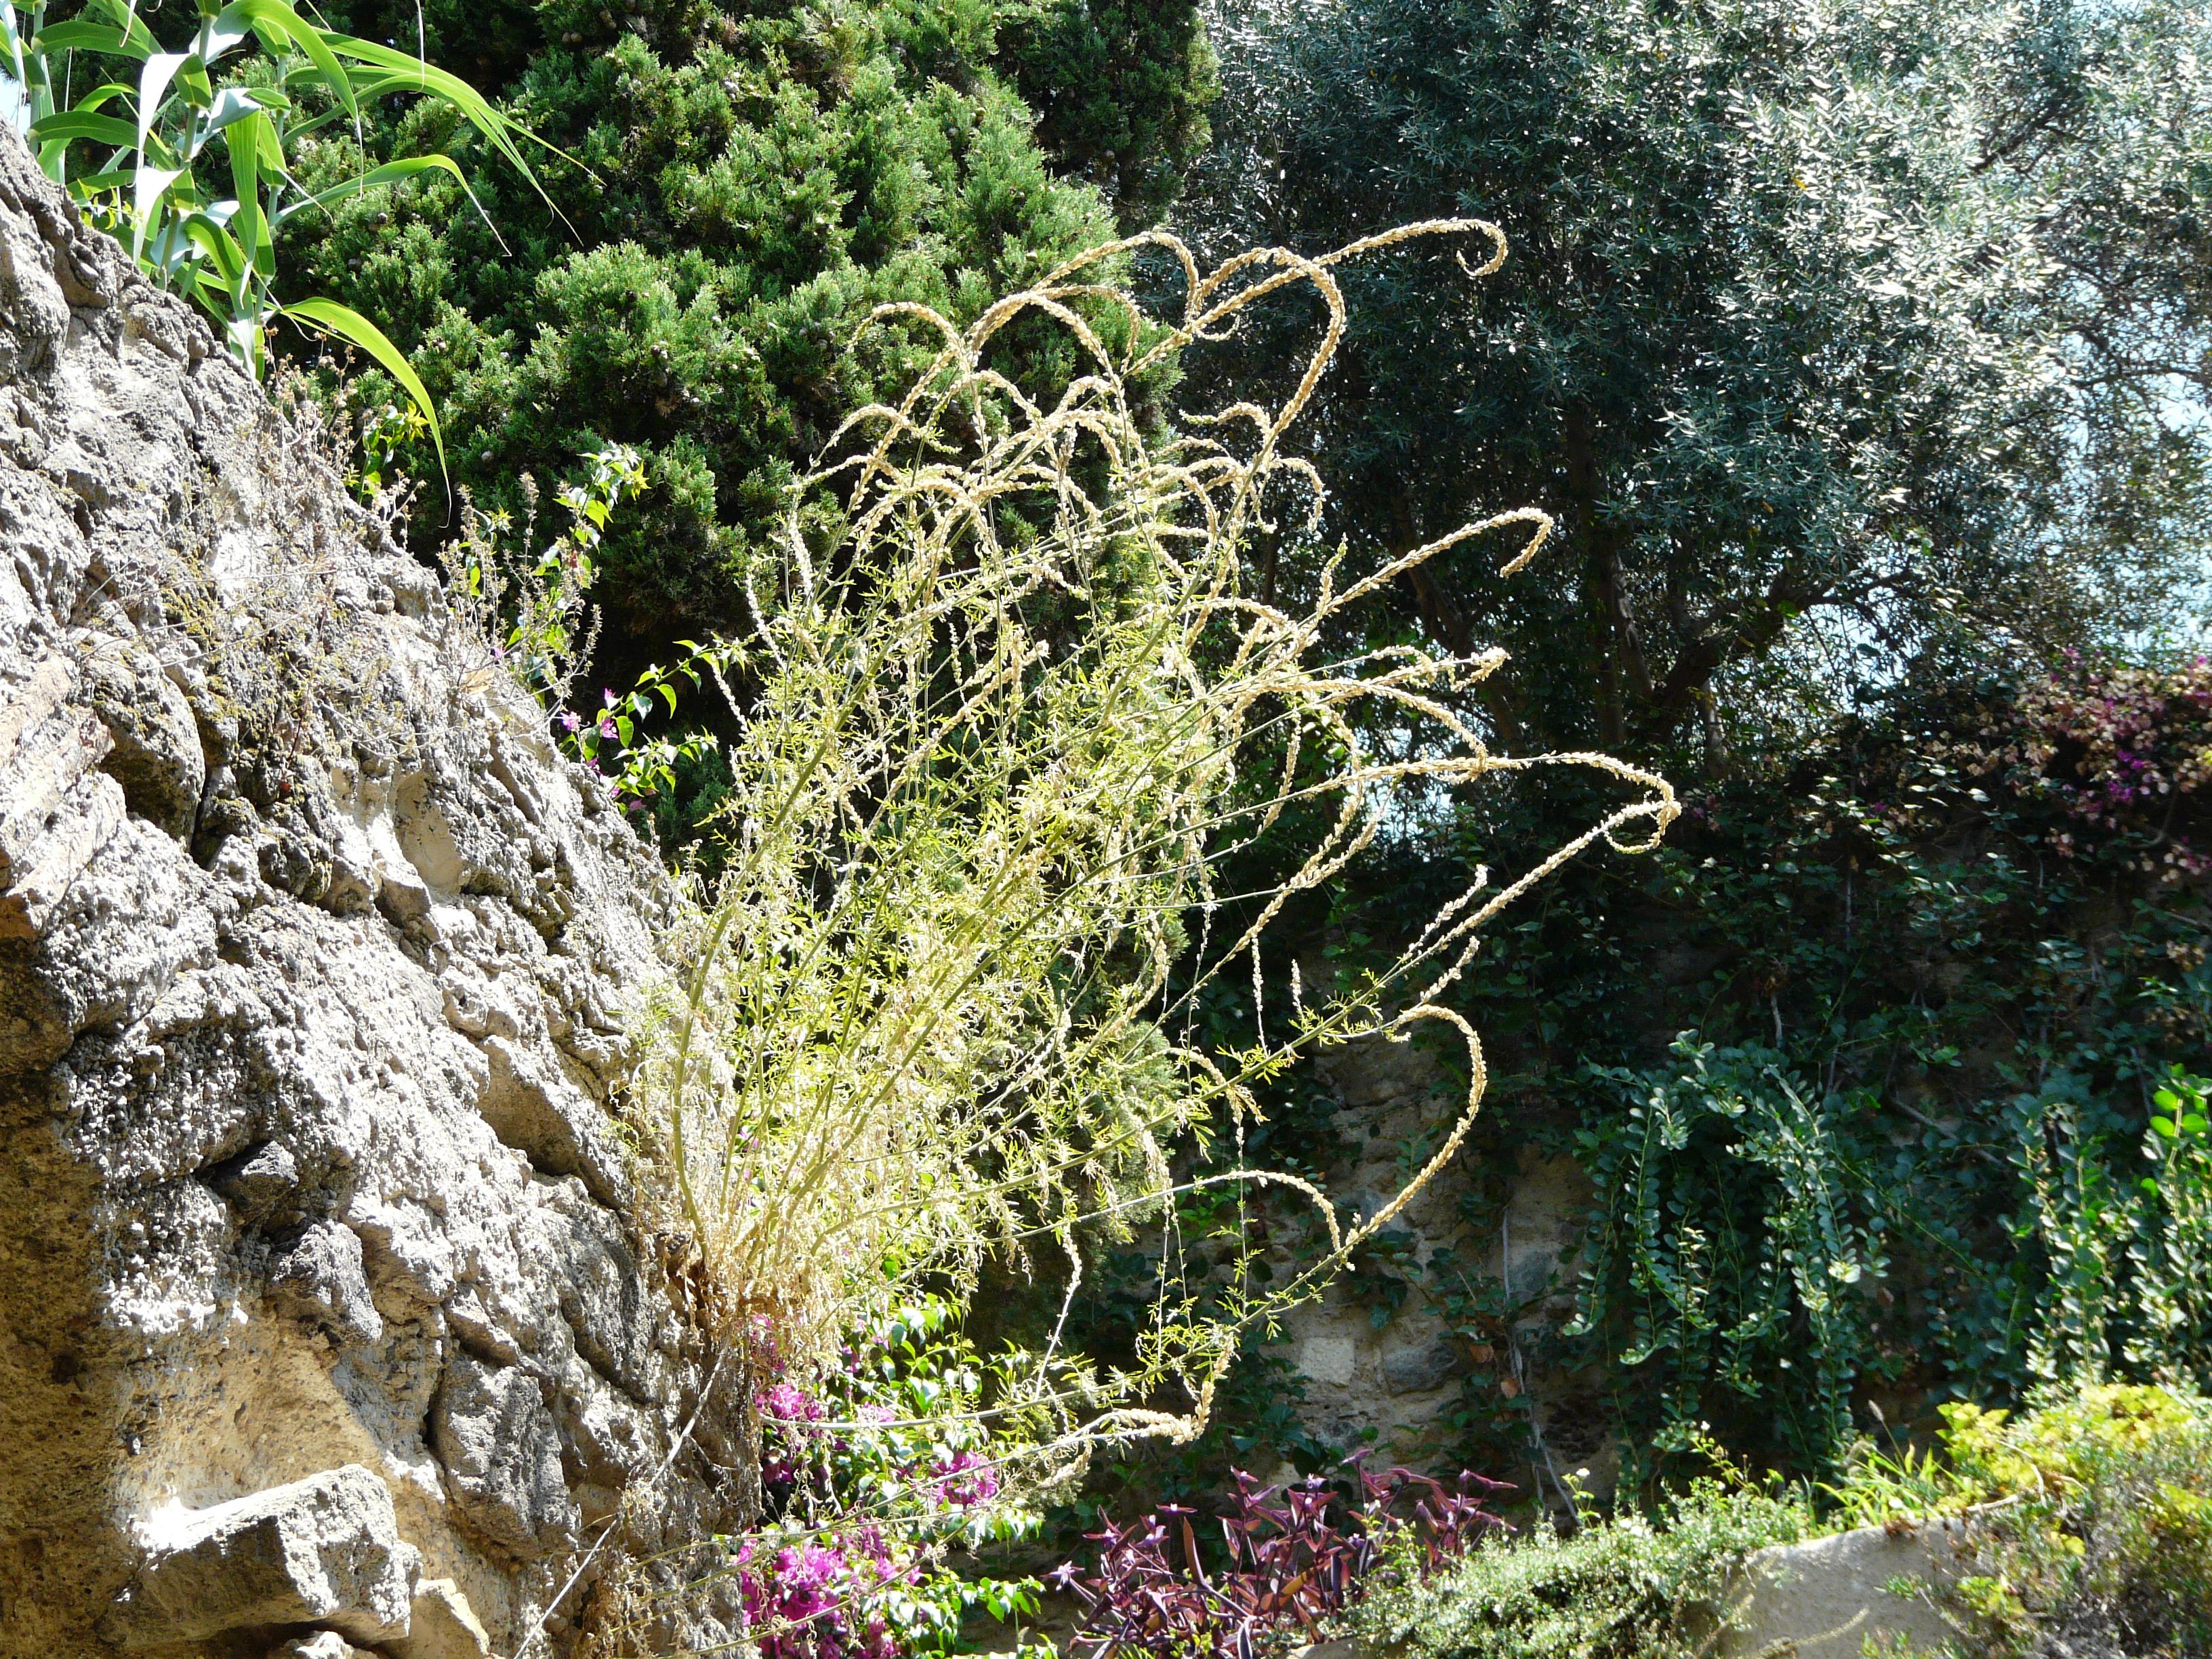 © Dipartimento di Scienze della Vita, Università degli Studi di Trieste<br>by Andrea Moro<br>Isola d'Ischia, Ischia Ponte, Castello Aragonese, NA, Campania, Italia, 20/07/2012<br>Distributed under CC-BY-SA 4.0 license.